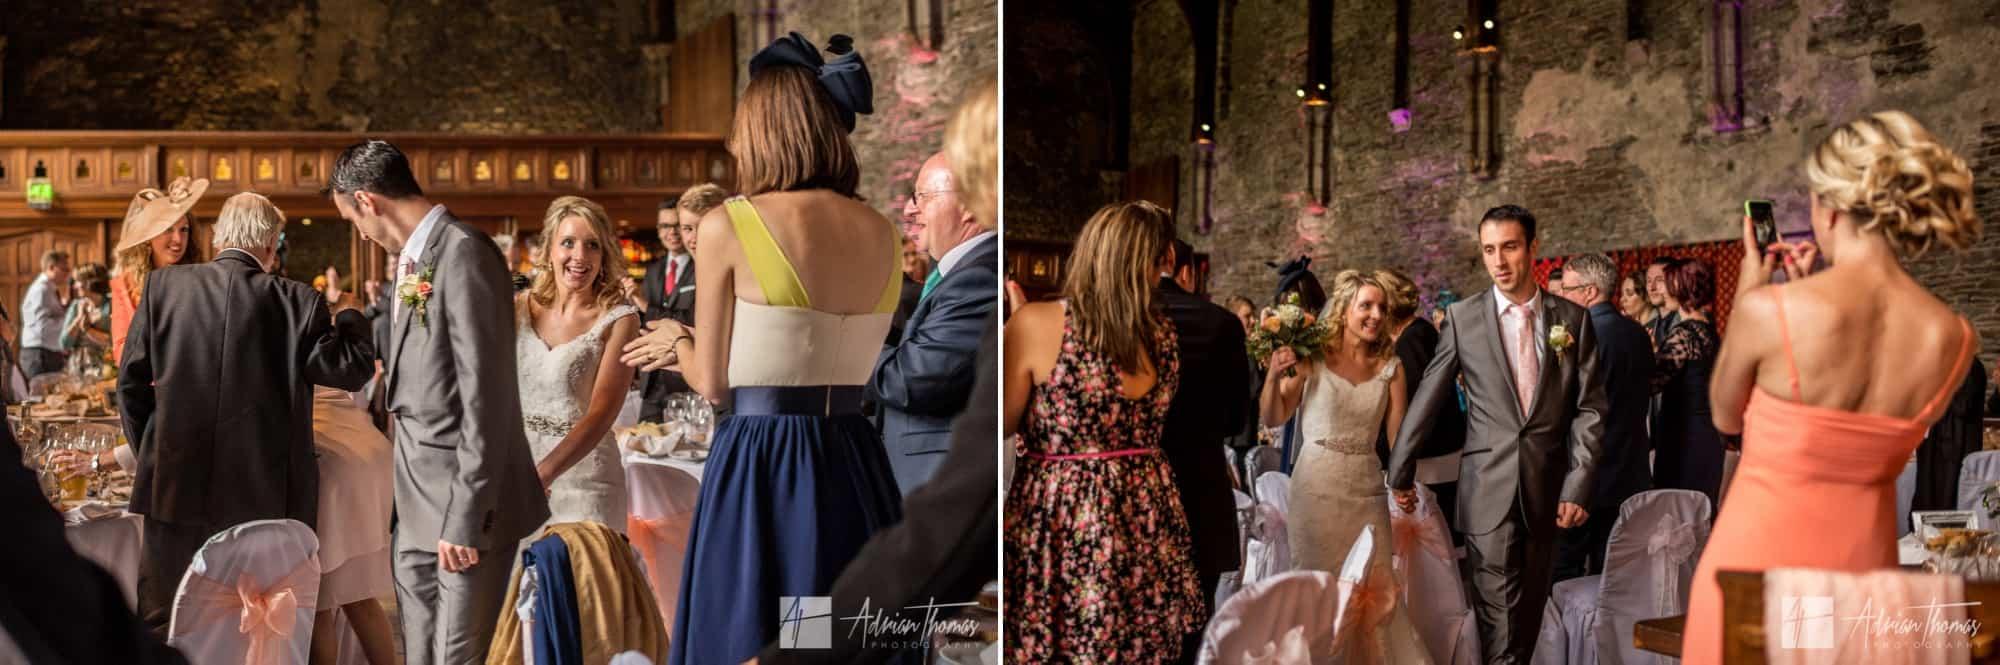 Bride and groom enter reception.